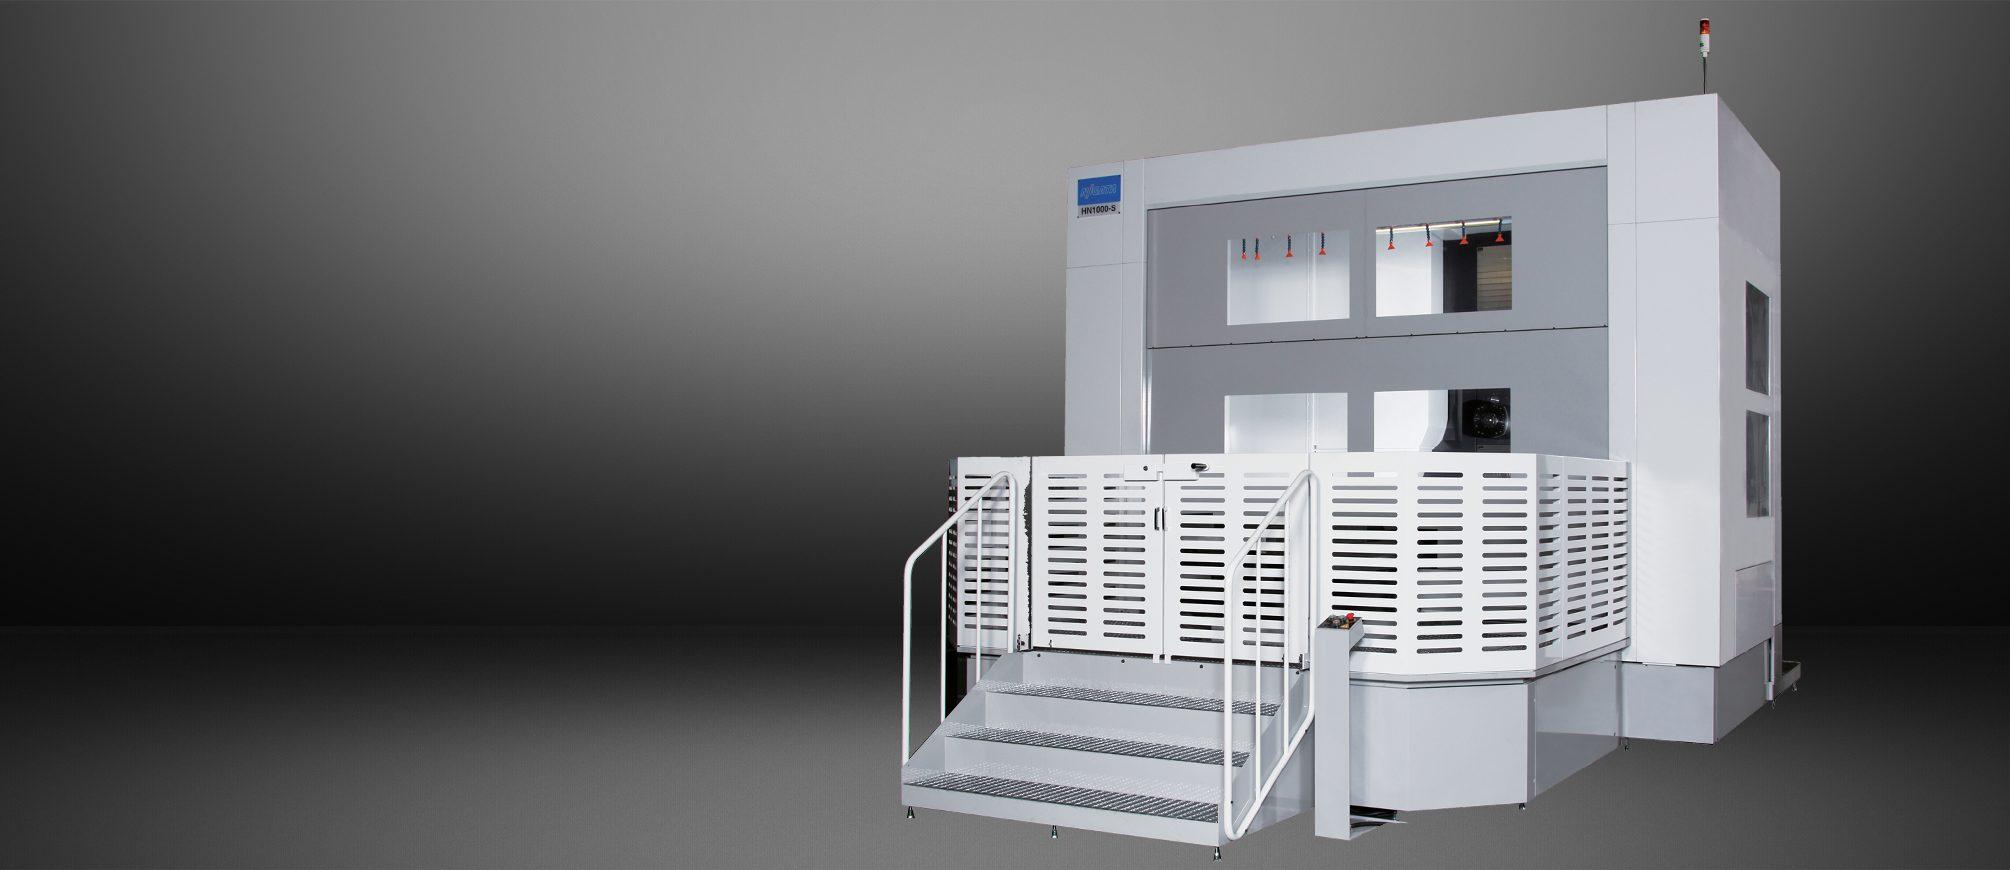 HN1000-S Horizontal Machining Centers